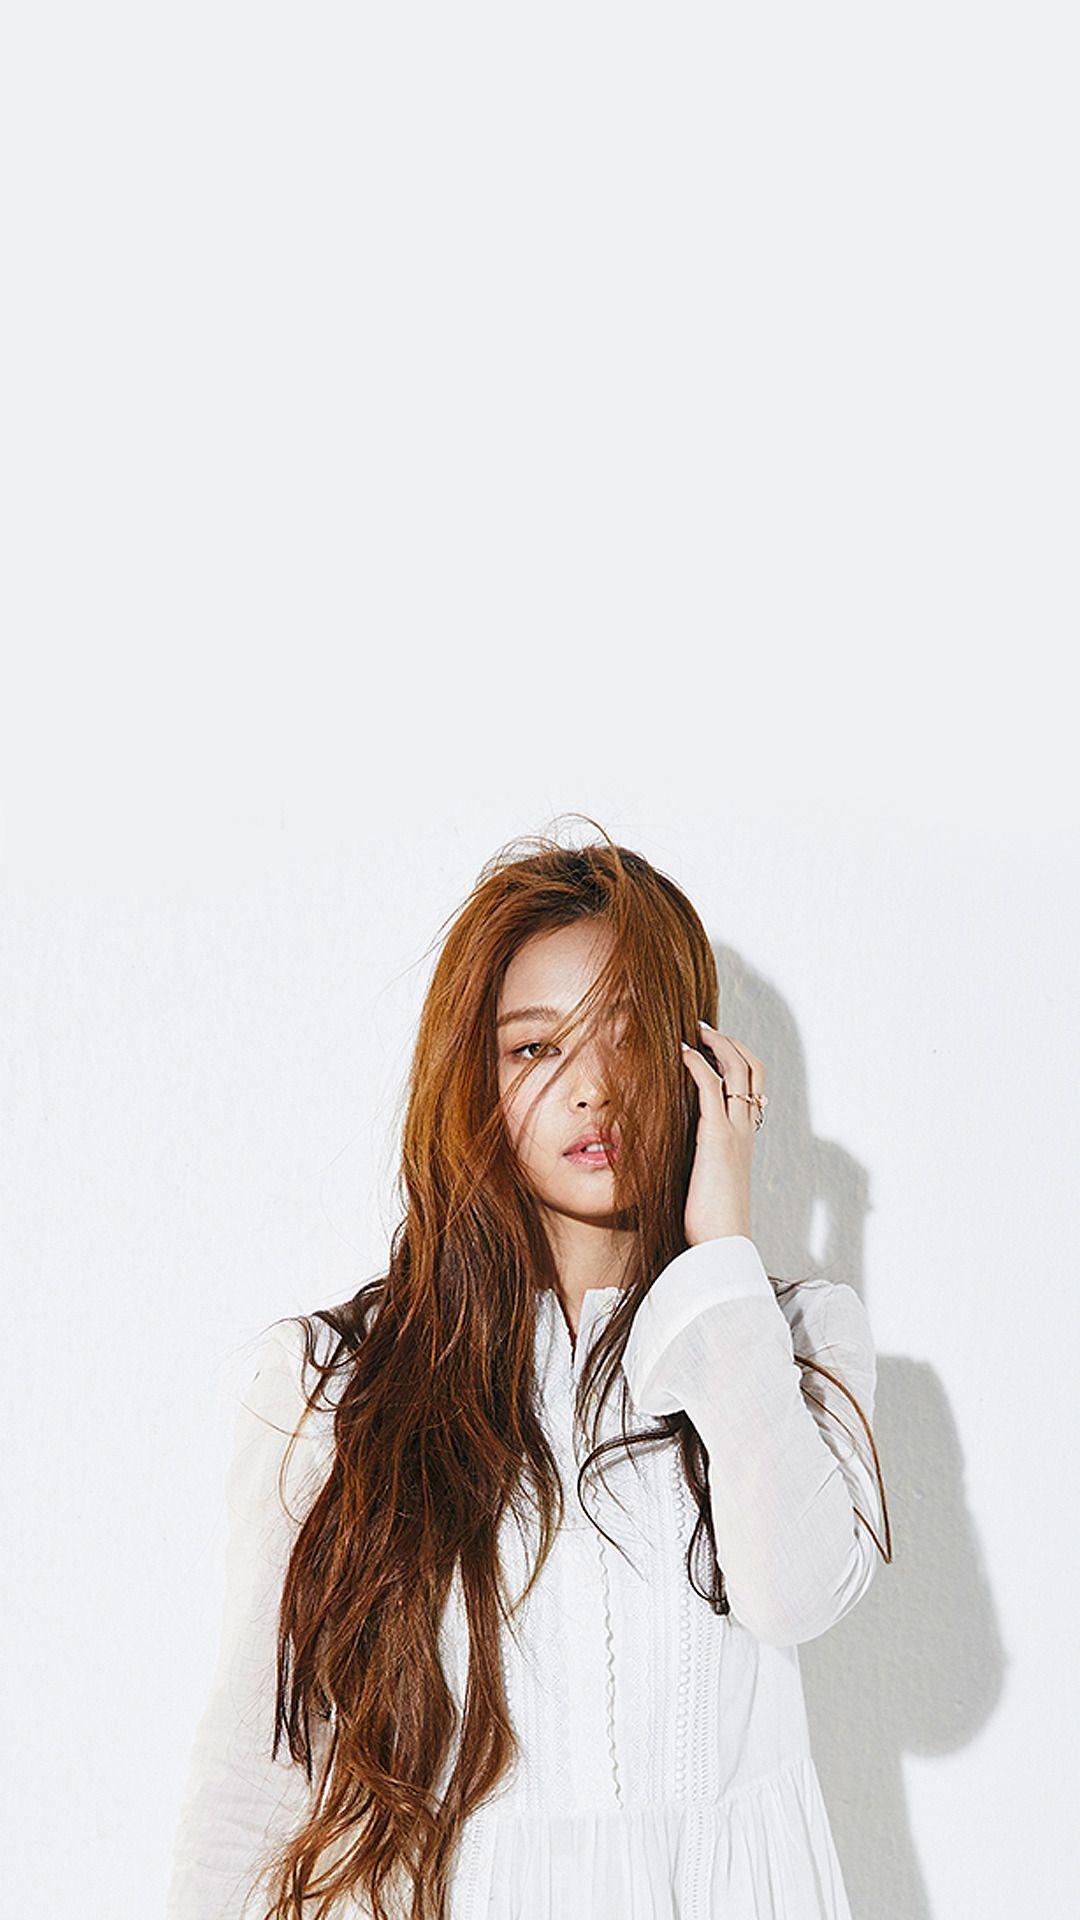 Jennie Kim Wallpapers Wallpaper Cave